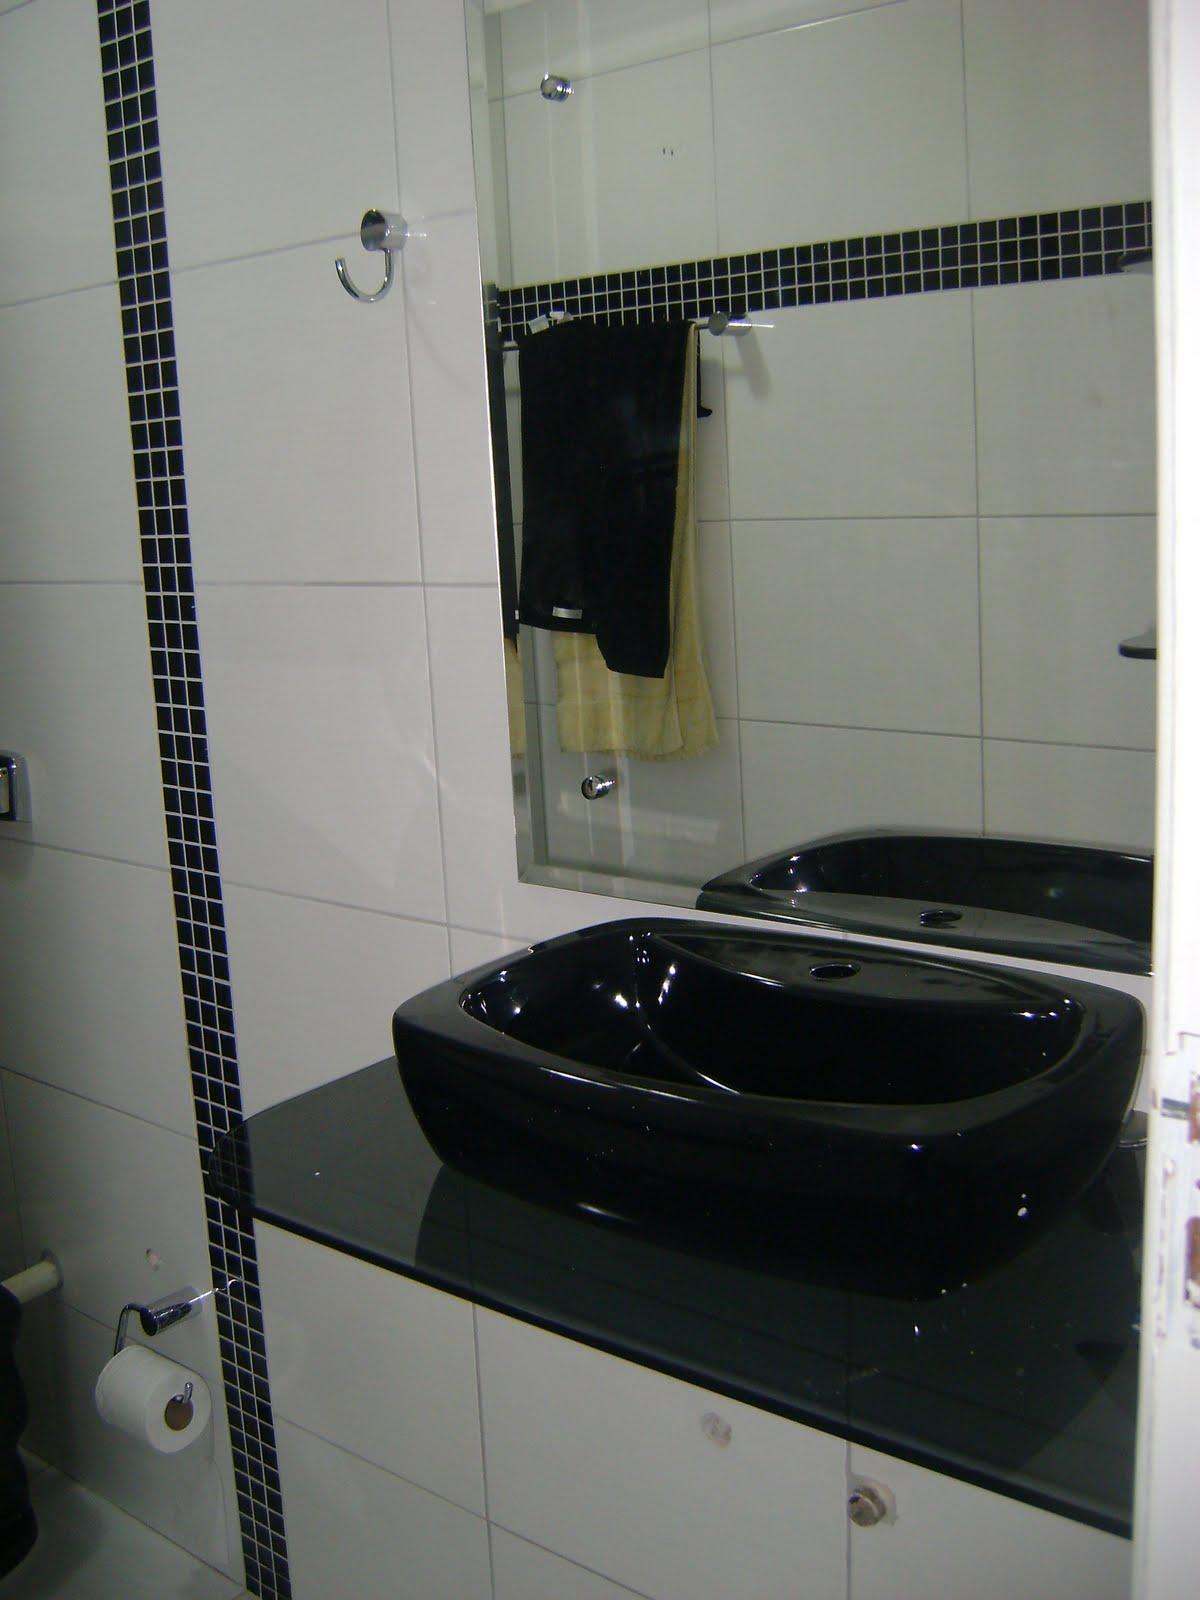 Imagens de #656447 Bazar do Alumínio: BOX BLINDEX PARA BANHEIRO CONFIRA NOSSOS  1200x1600 px 3484 Blindex Para Banheiro Rj